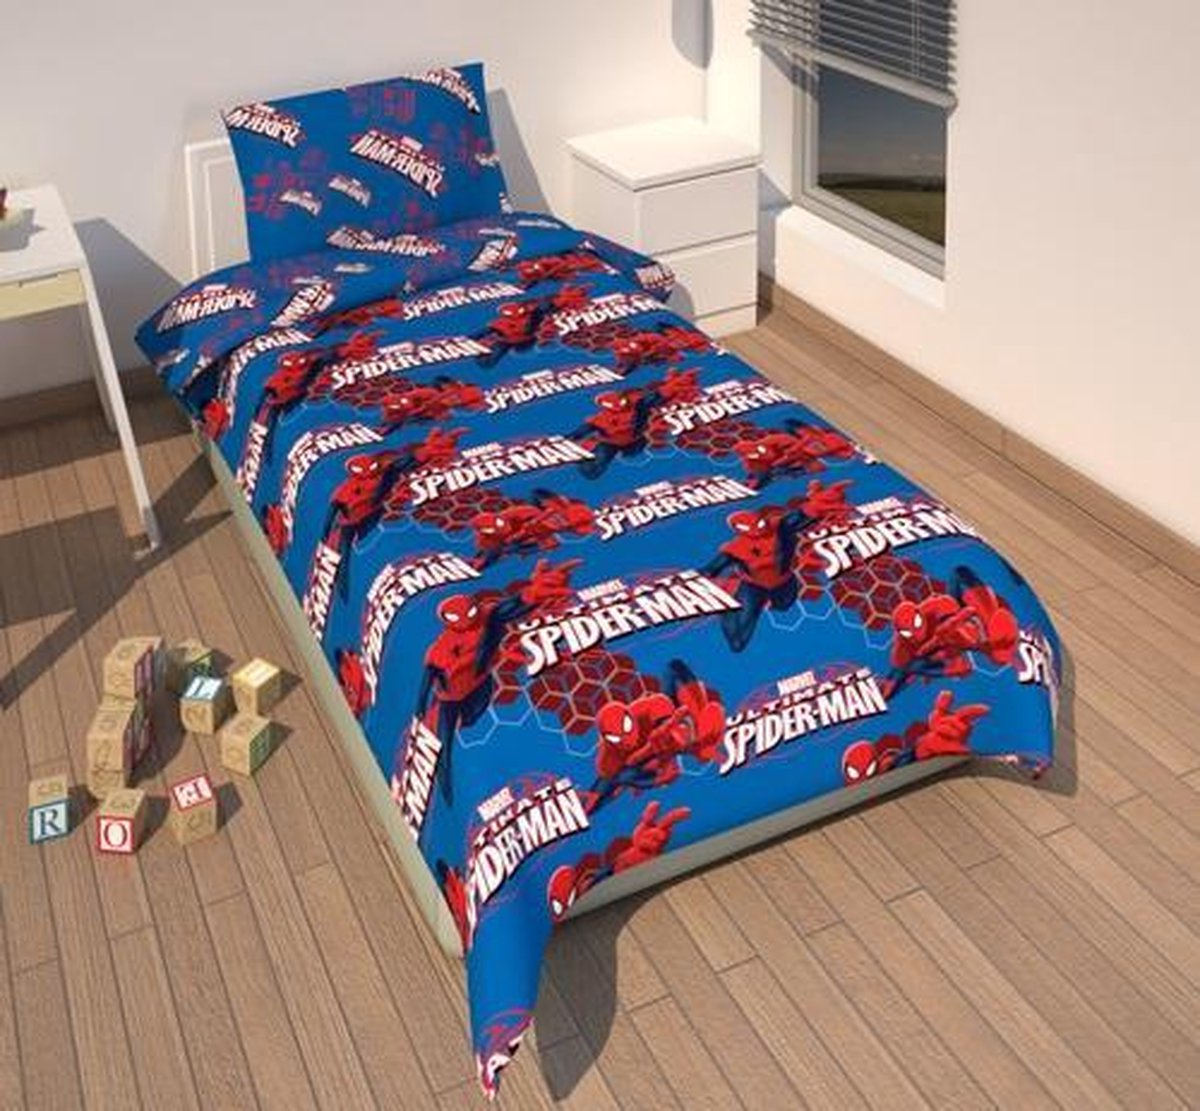 Marvel Spider Man - Dekbedovertrek set - Eenpersoons - 160 x 210 cm - Marvel